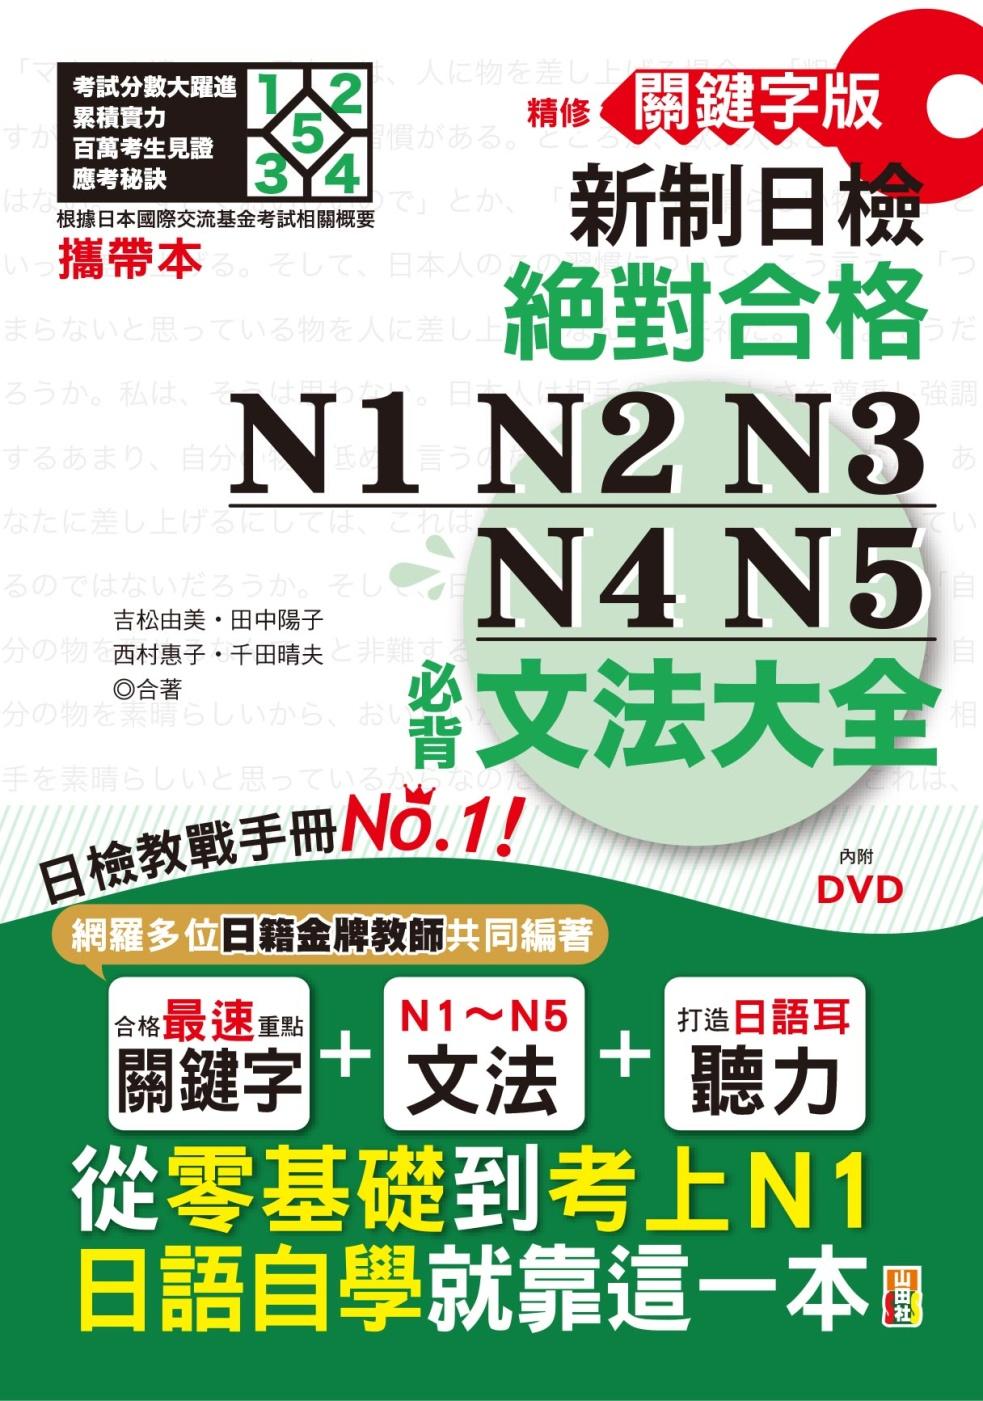 攜帶本 精修關鍵字版 新制日檢 絕對合格 N1,N2,N3,N4,N5必背文法大全:從零基礎到考上N1,就靠這一本!(50K+DVD)